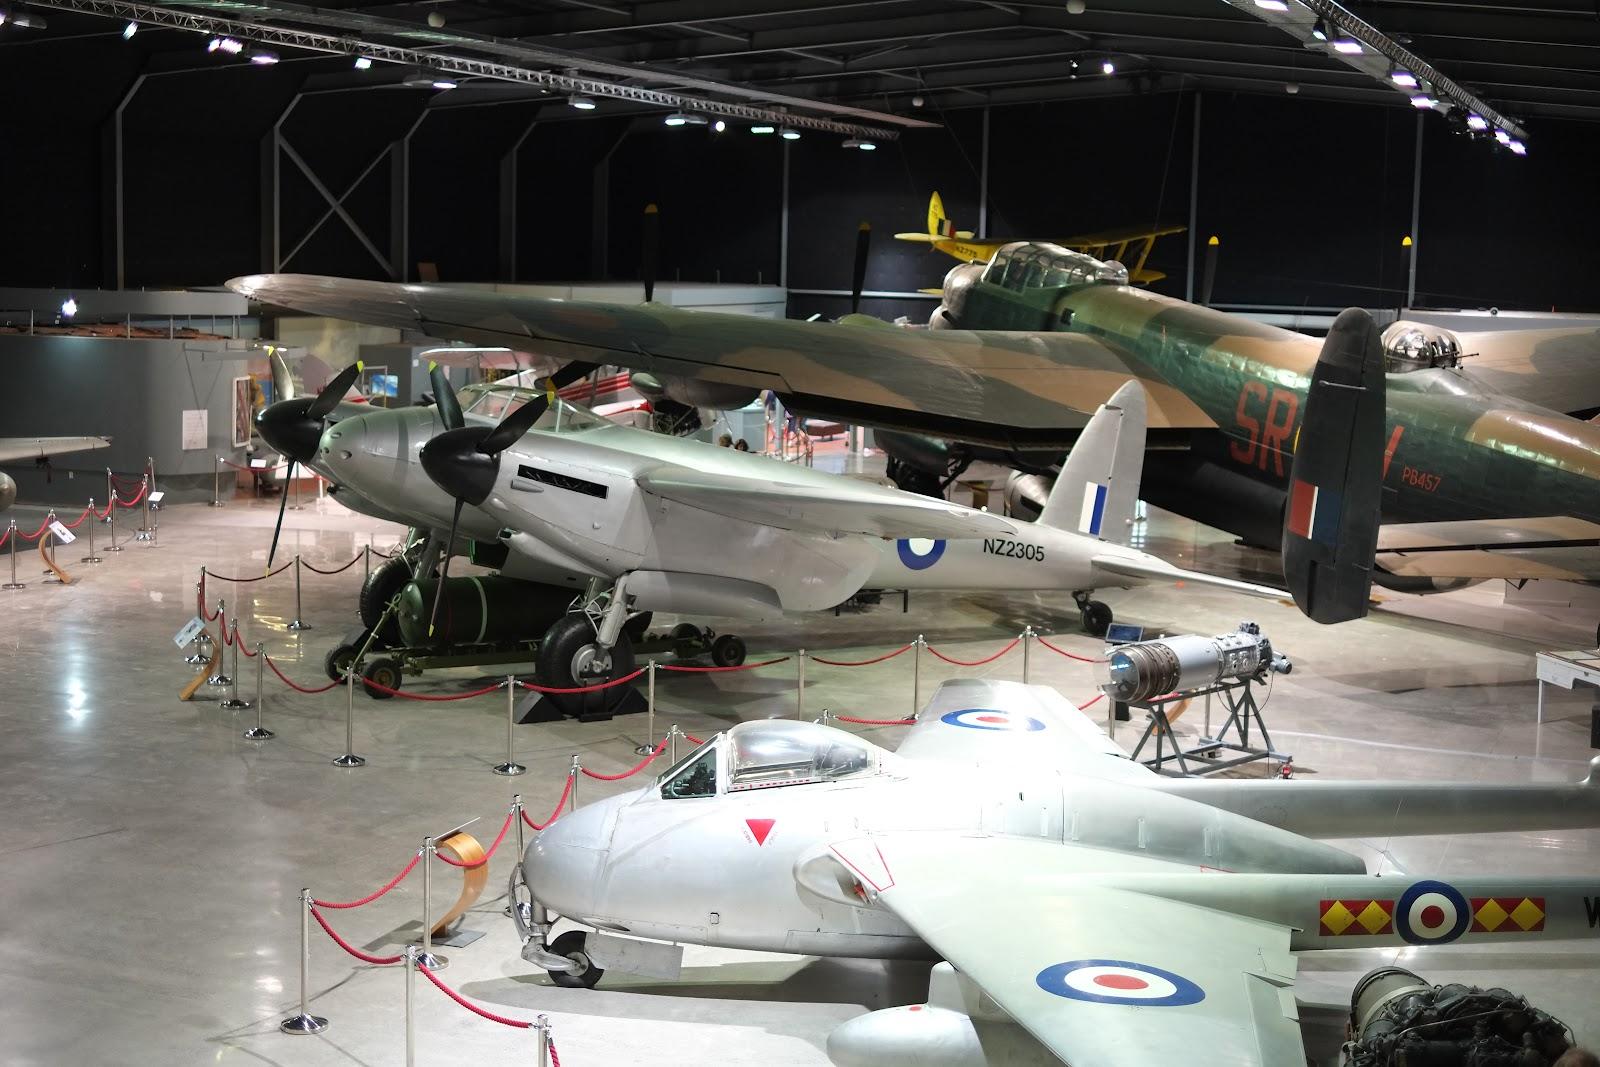 ... of planes at MOTAT.jpg